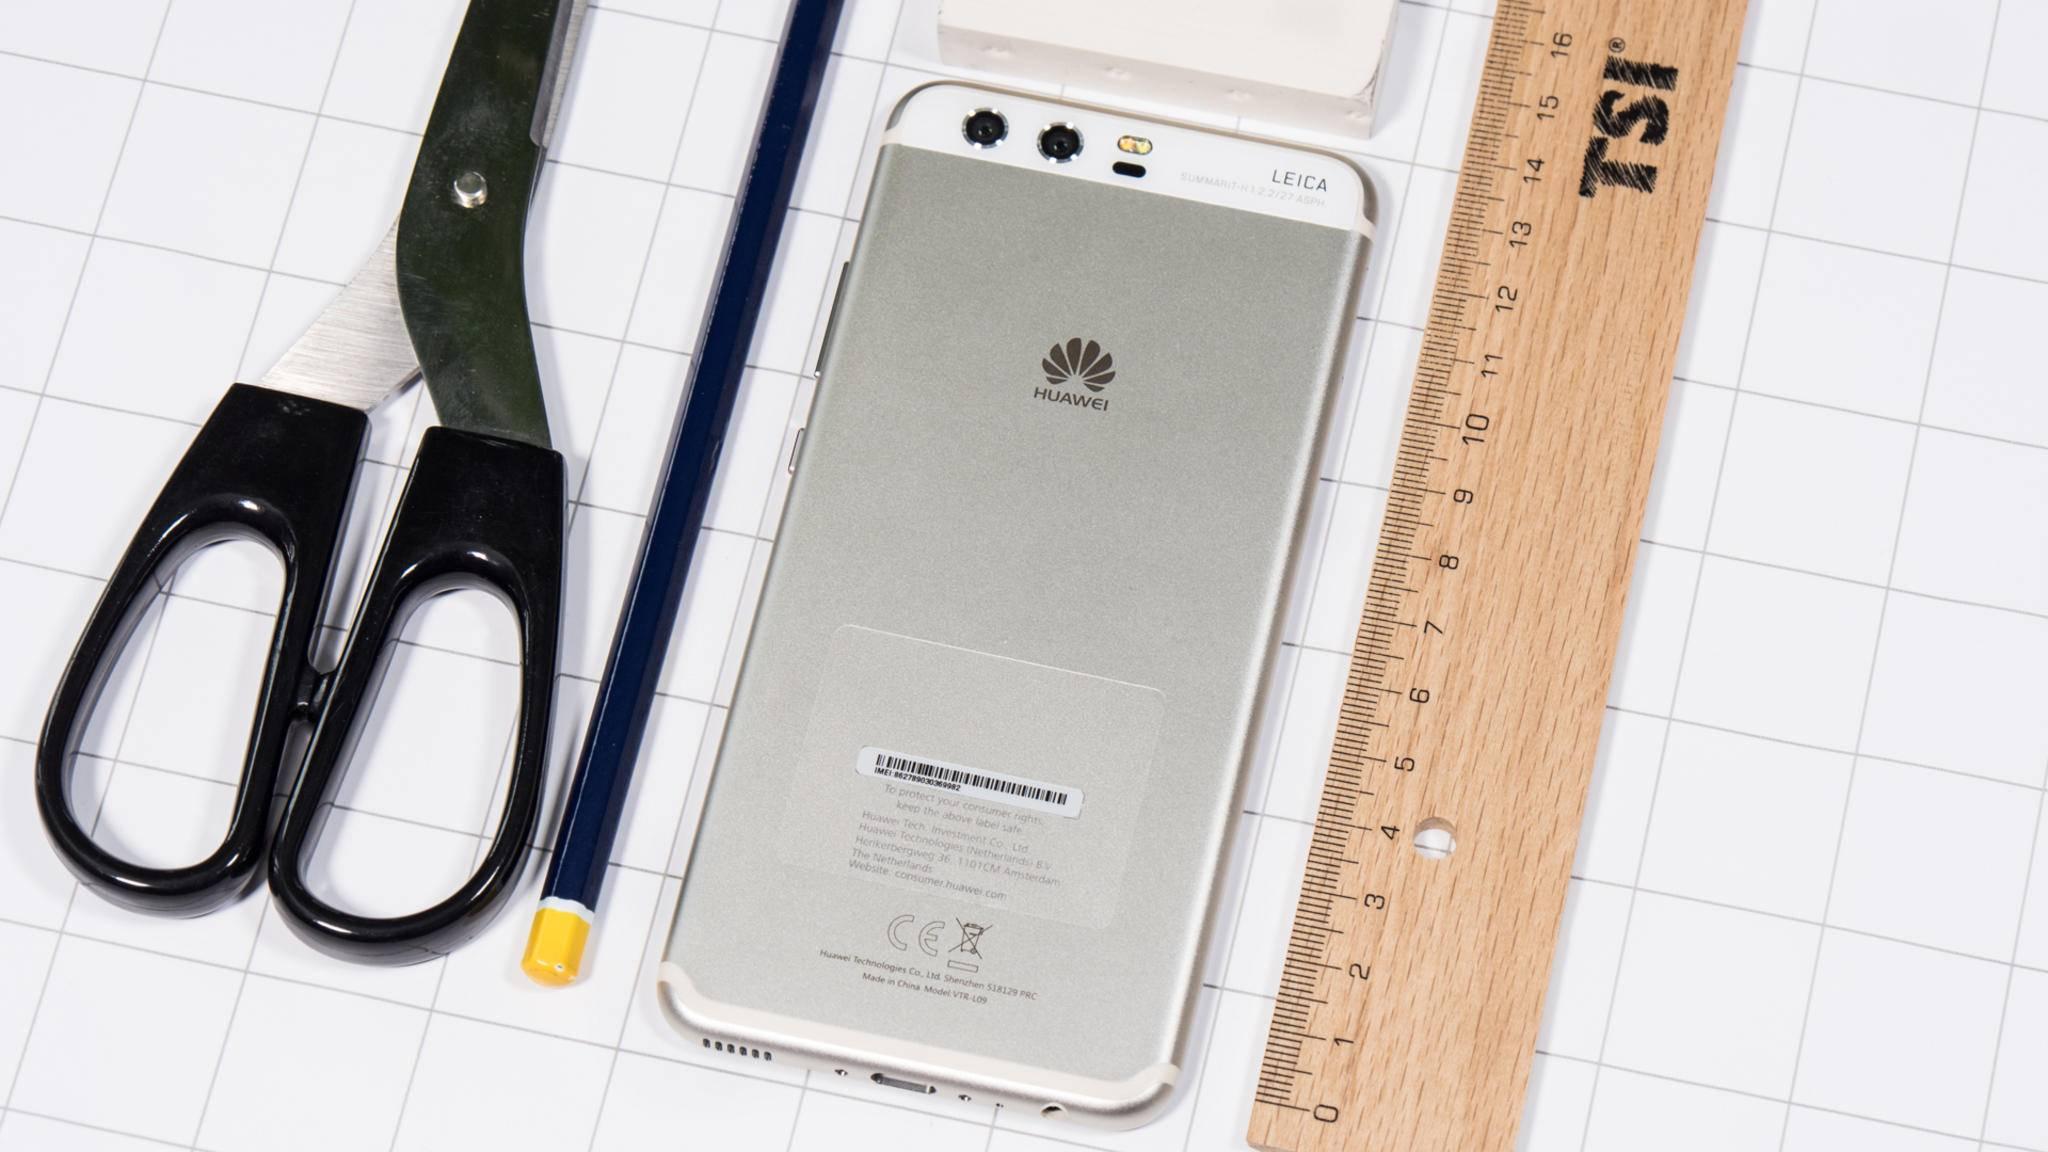 Das Huawei P10 wird mit unterschiedlichen Speicherchips ausgeliefert.